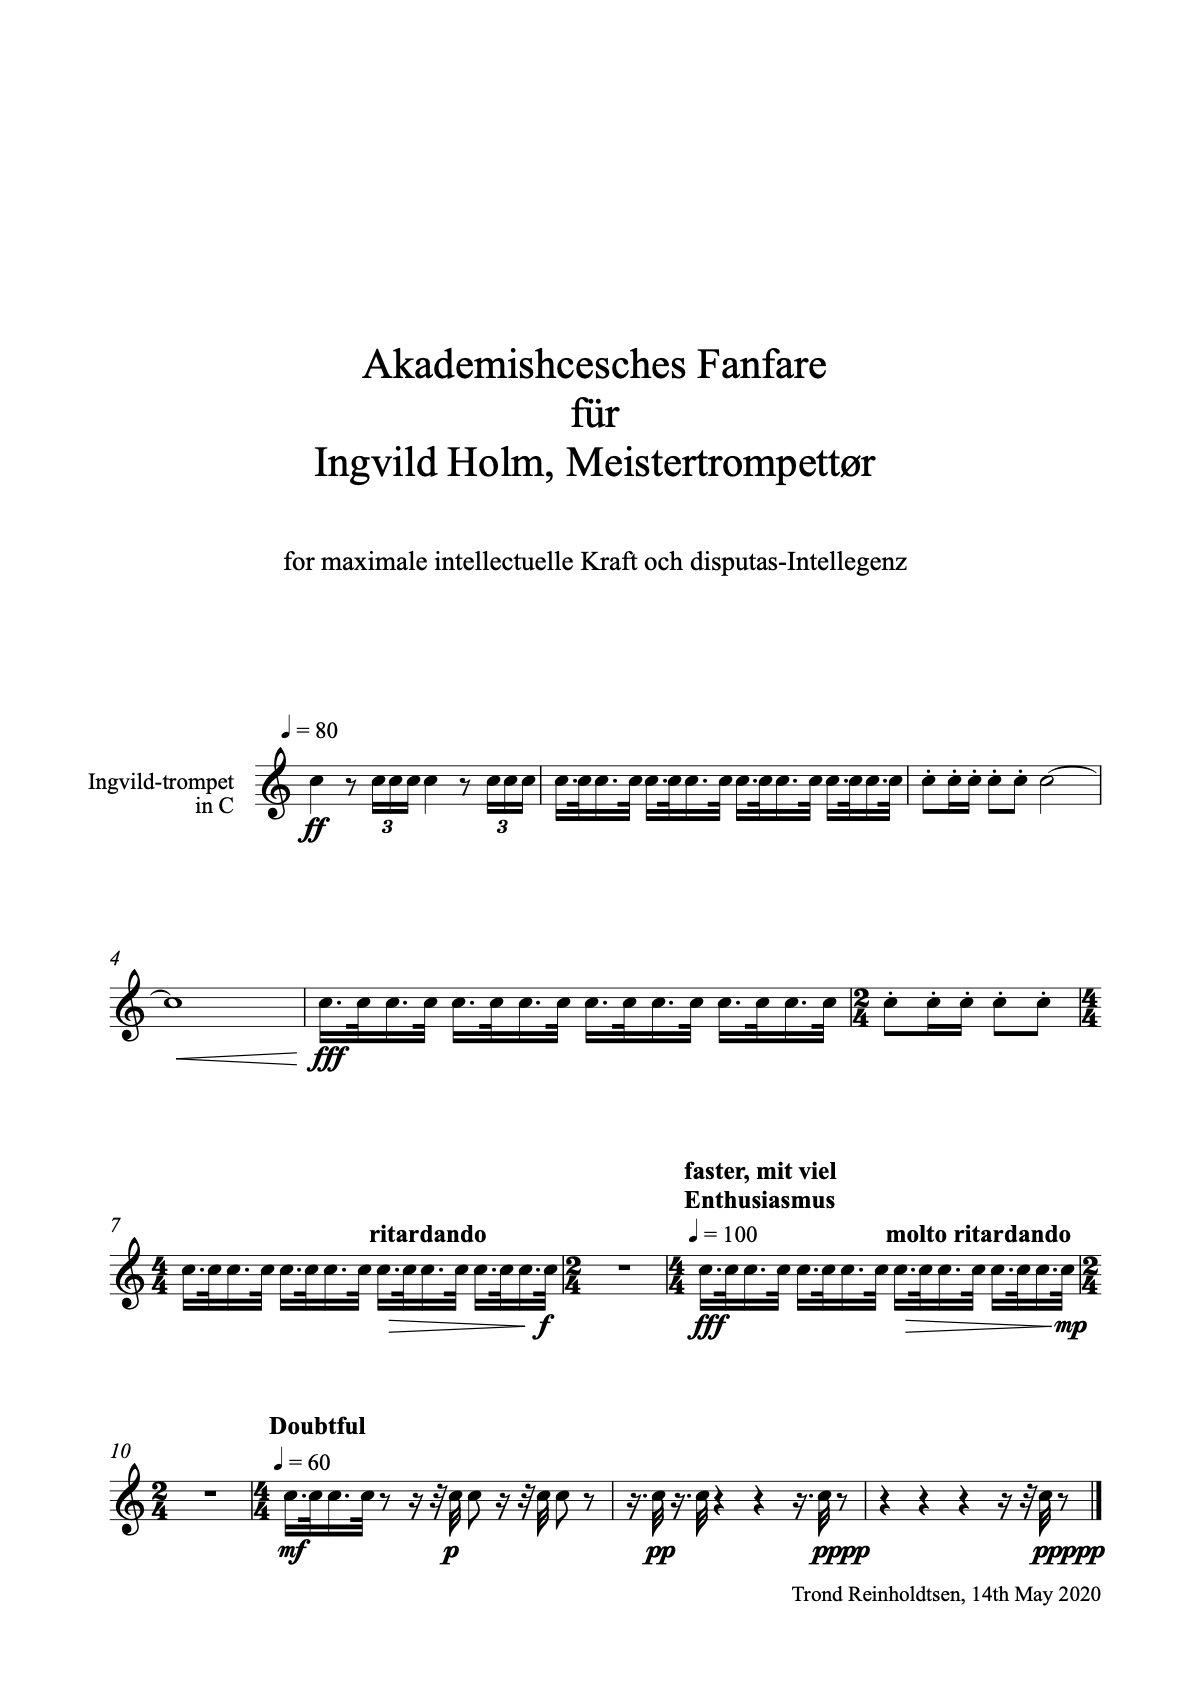 Akademishcesches Fanfare für Ingvild Holm Meistertrompettør